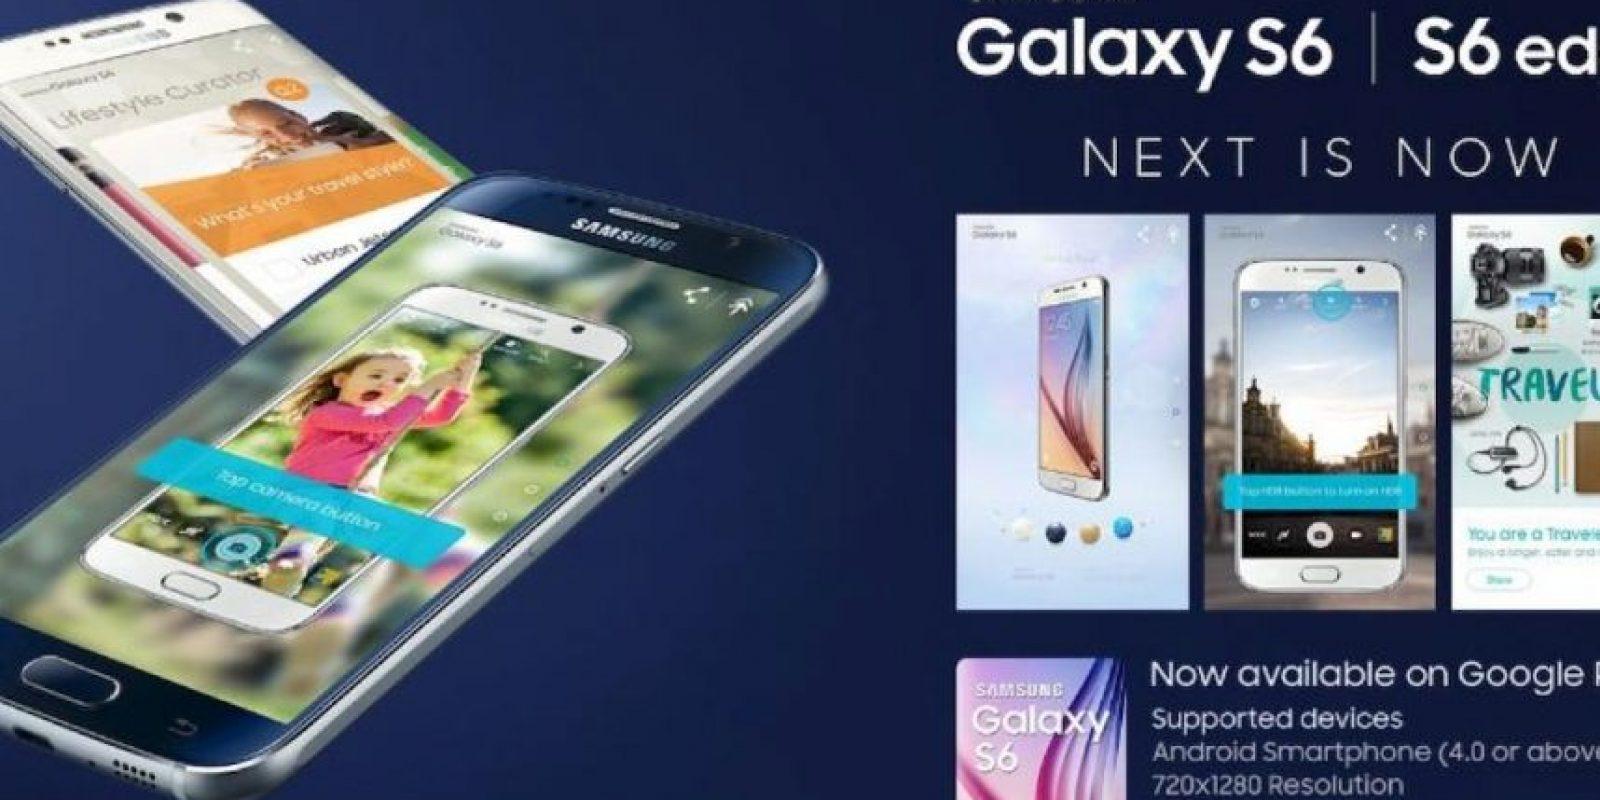 Su pantalla es Super AMOLED de 5.1 pulgadas con protección Corning Gorilla Glass 4. Foto:twitter.com/SamsungMobile